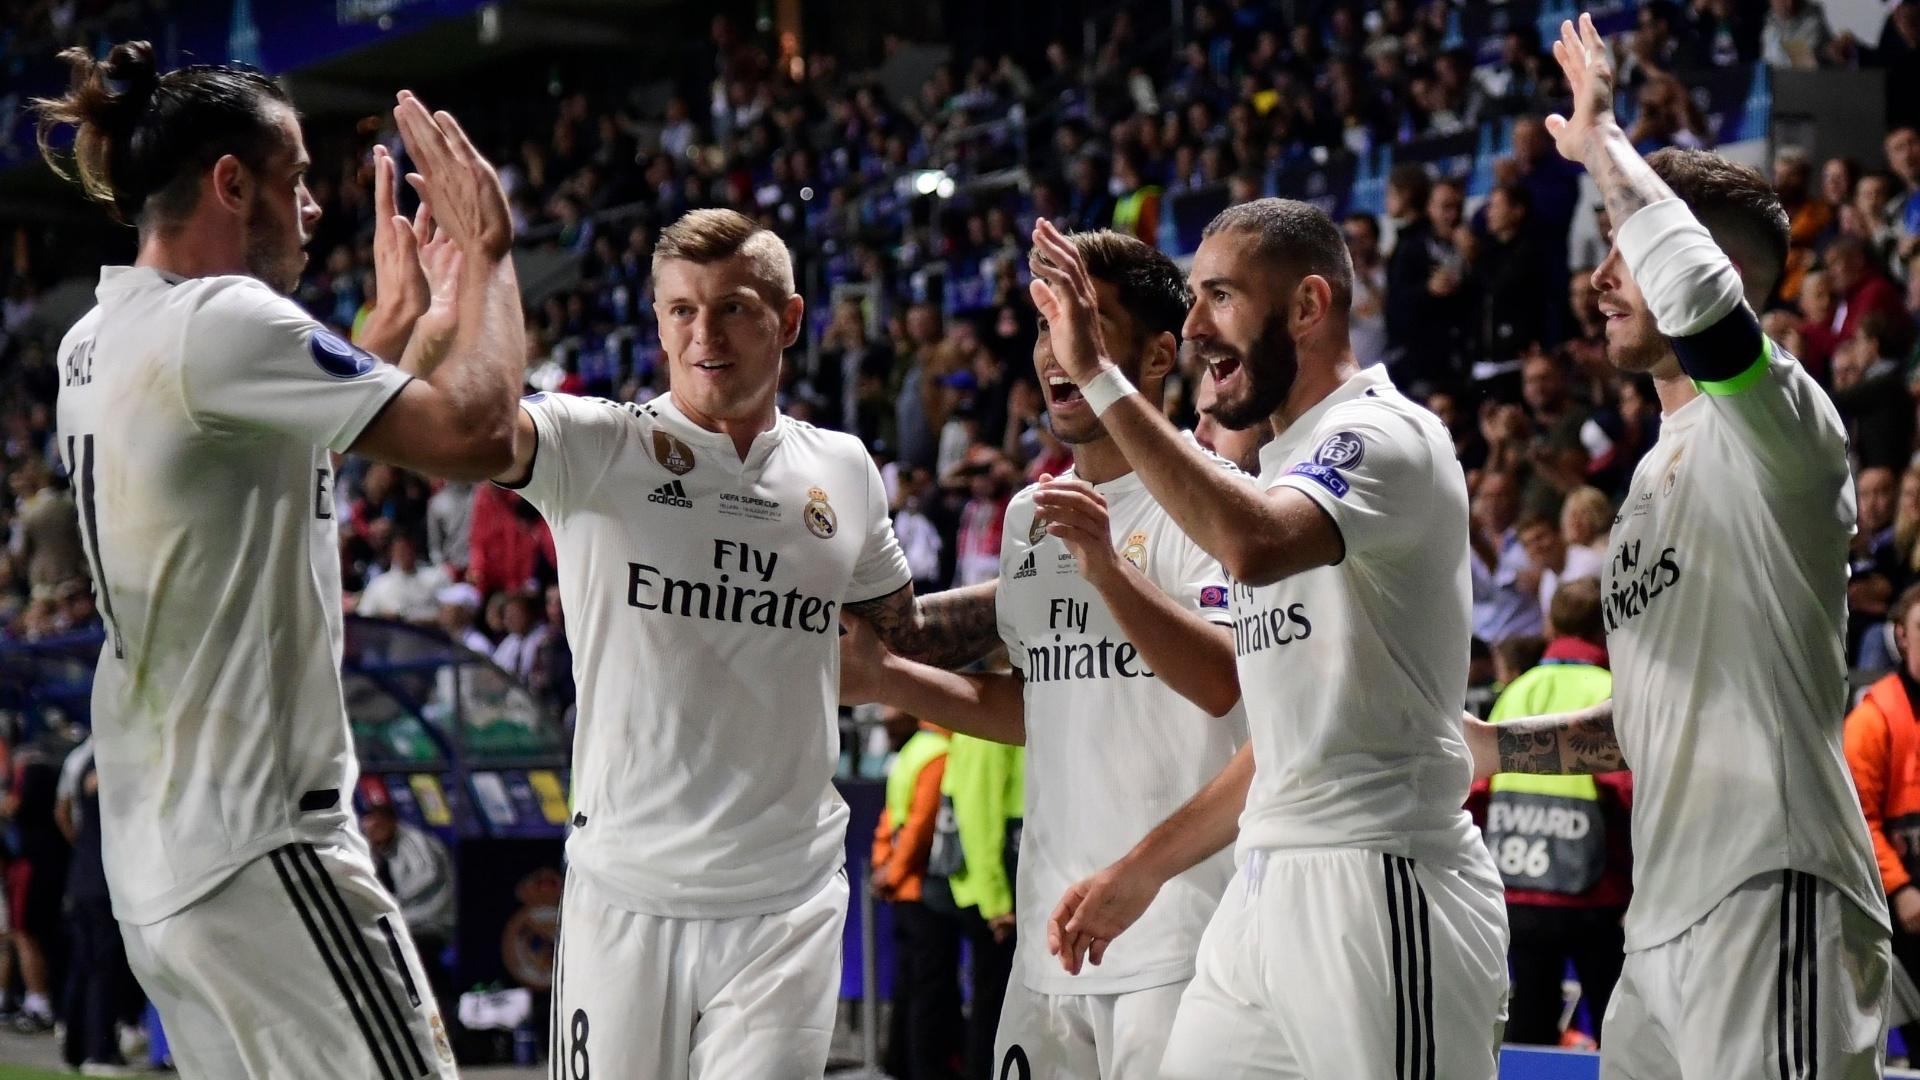 Jogadores do Real Madrid comemoram gol de Benzema contra o Atlético de Madrid